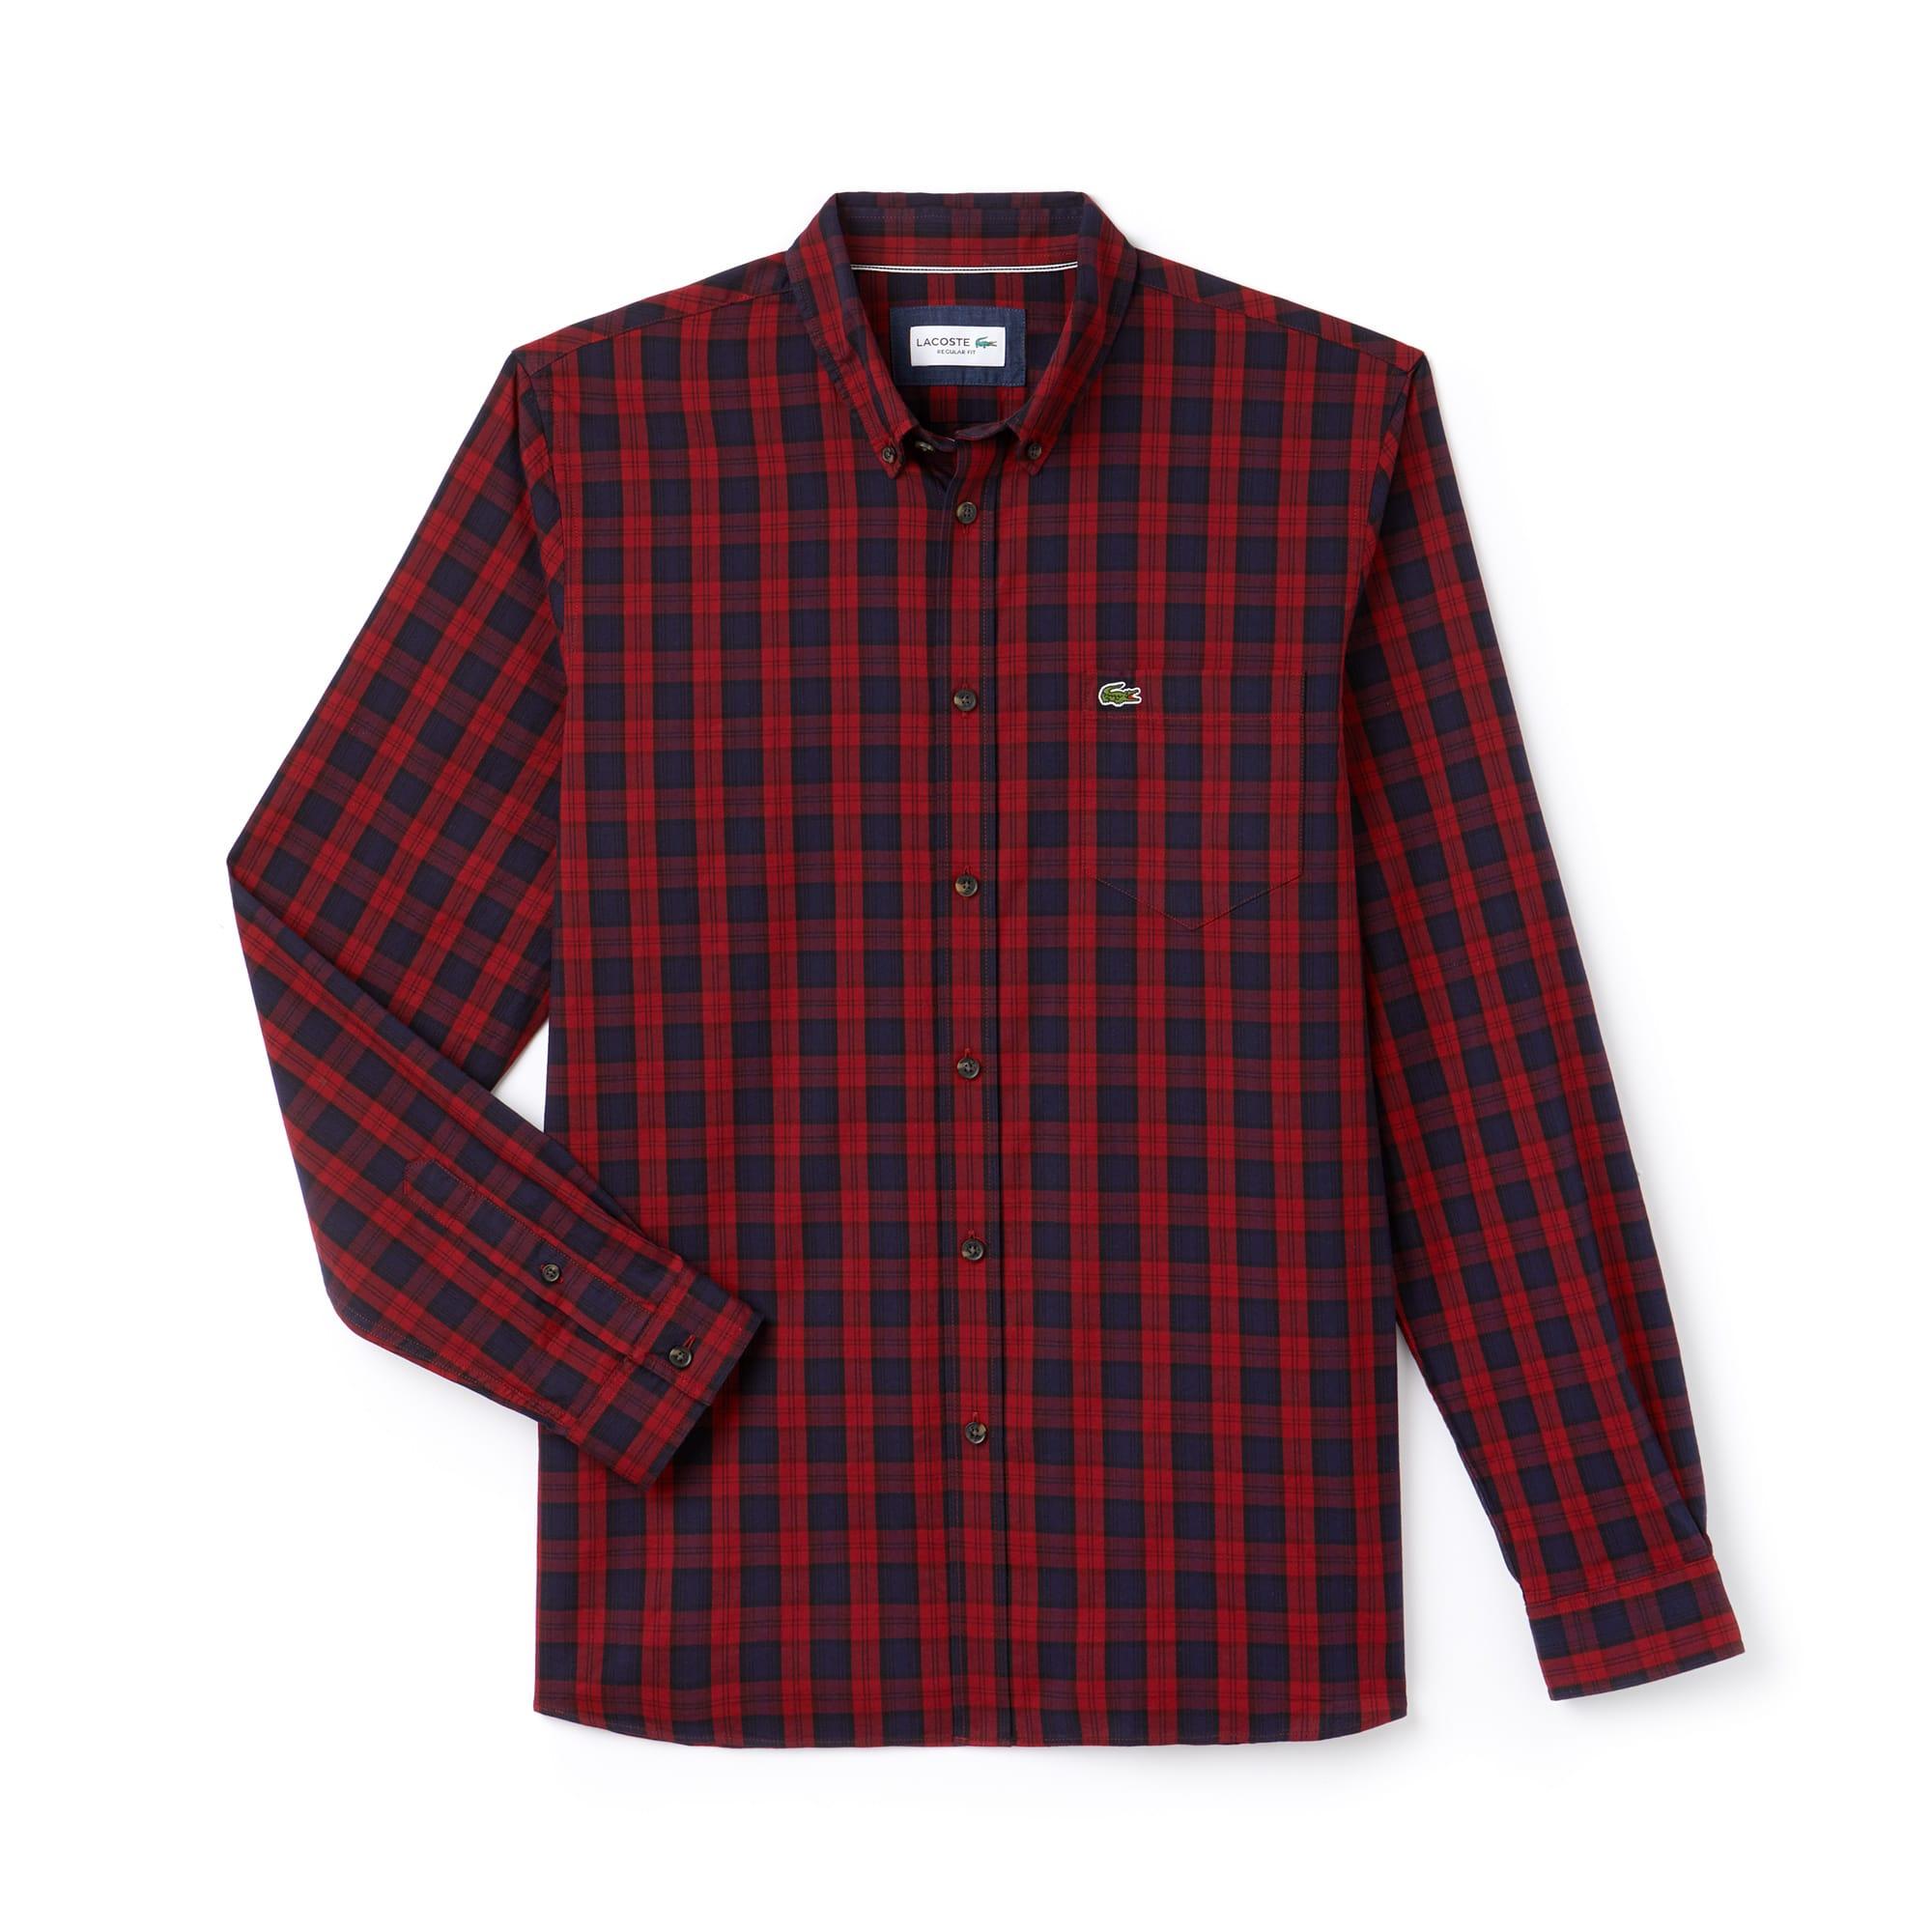 Chemise regular fit en twill de coton à carreaux